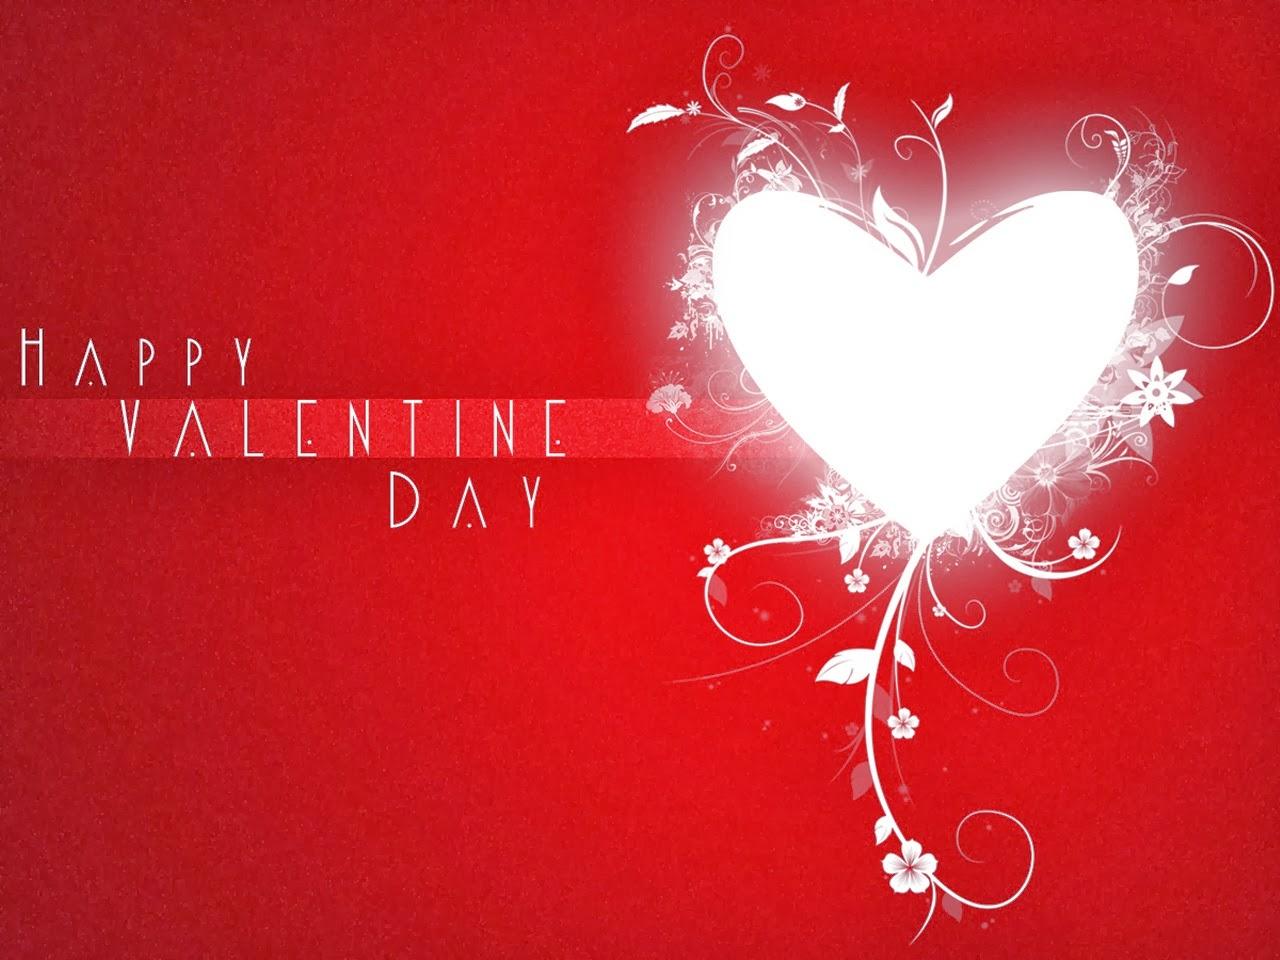 happy valentine's day - photo #21